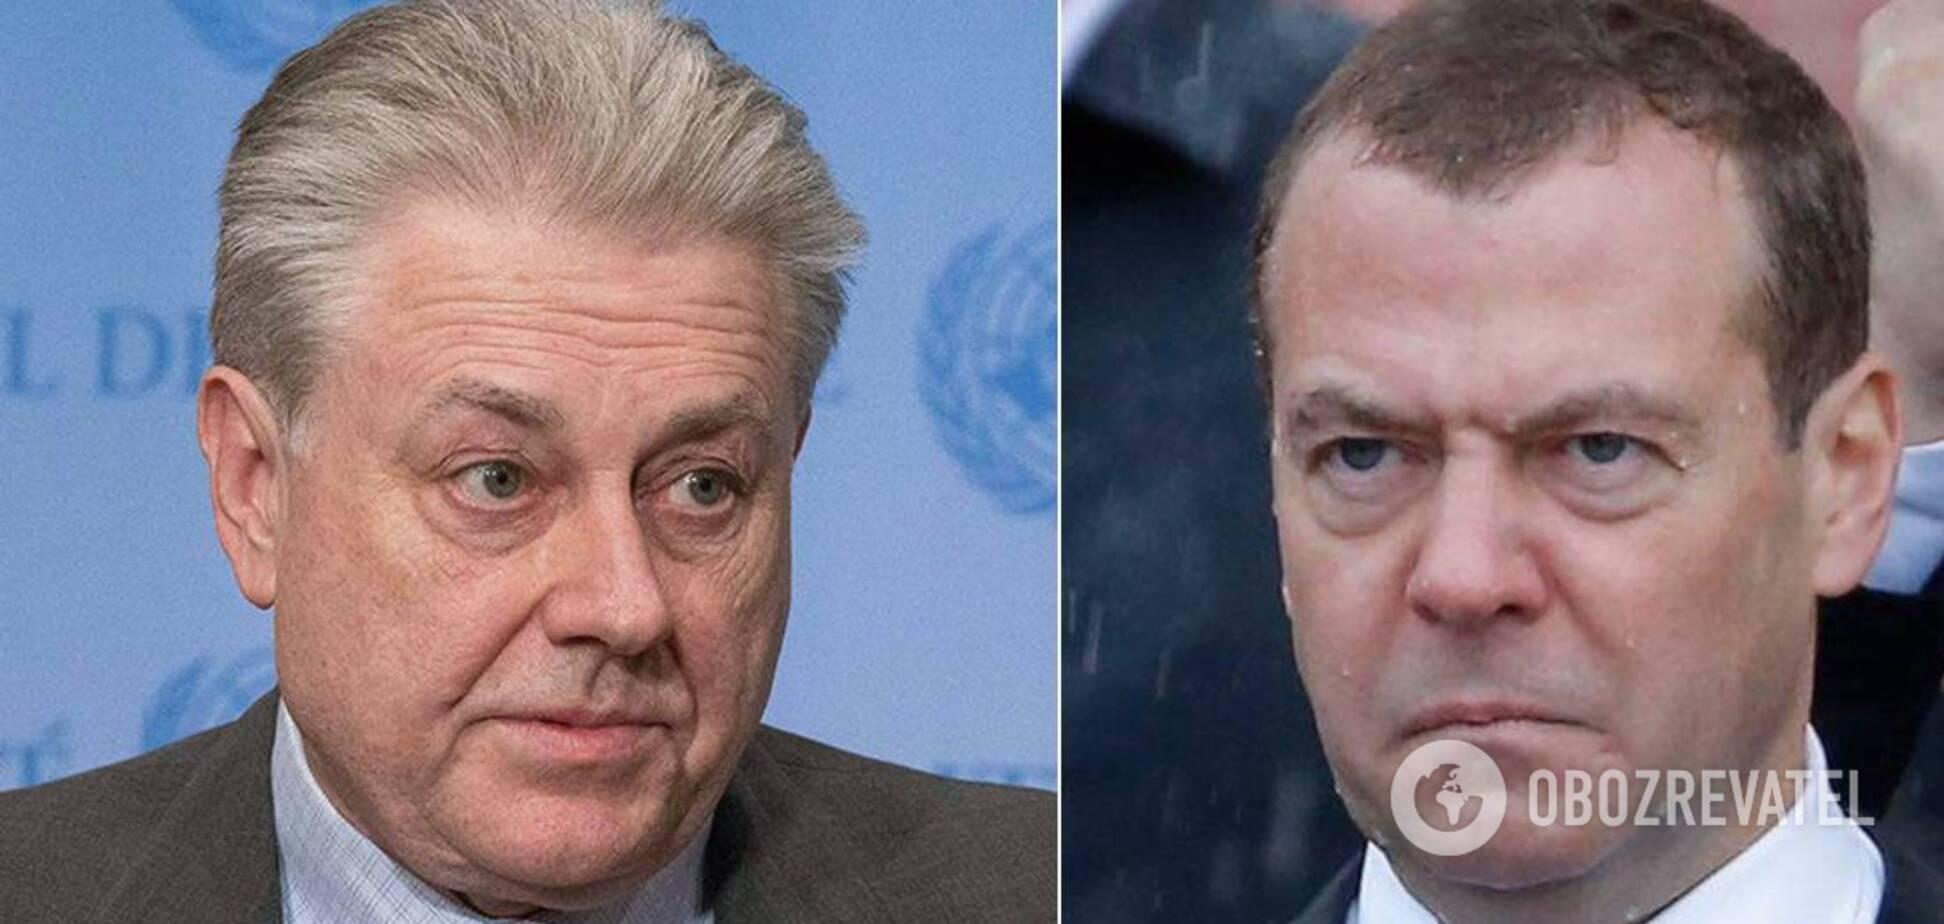 Ельченко ответил Медведеву на выпад о Крыме